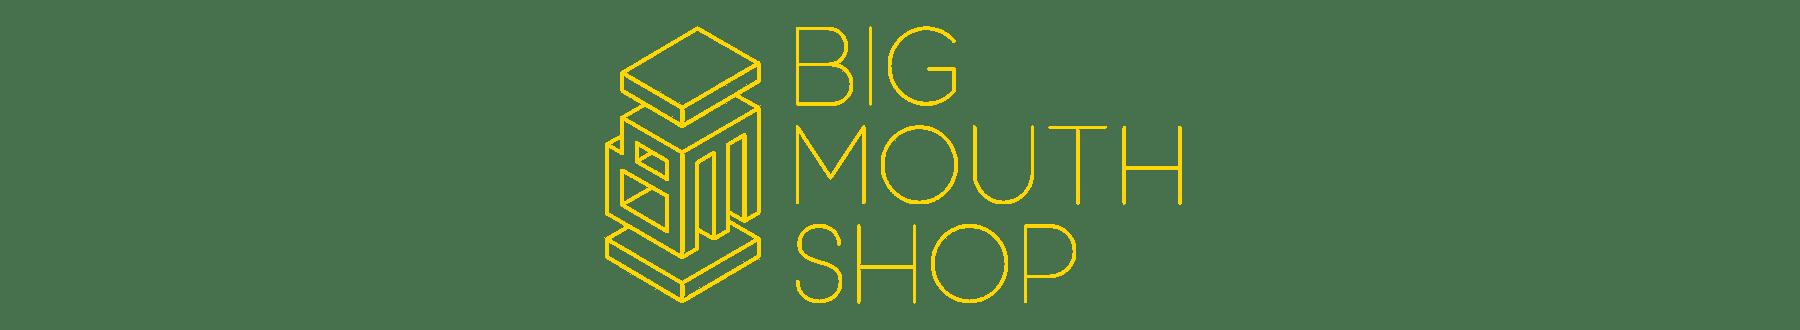 Bigmouthshop